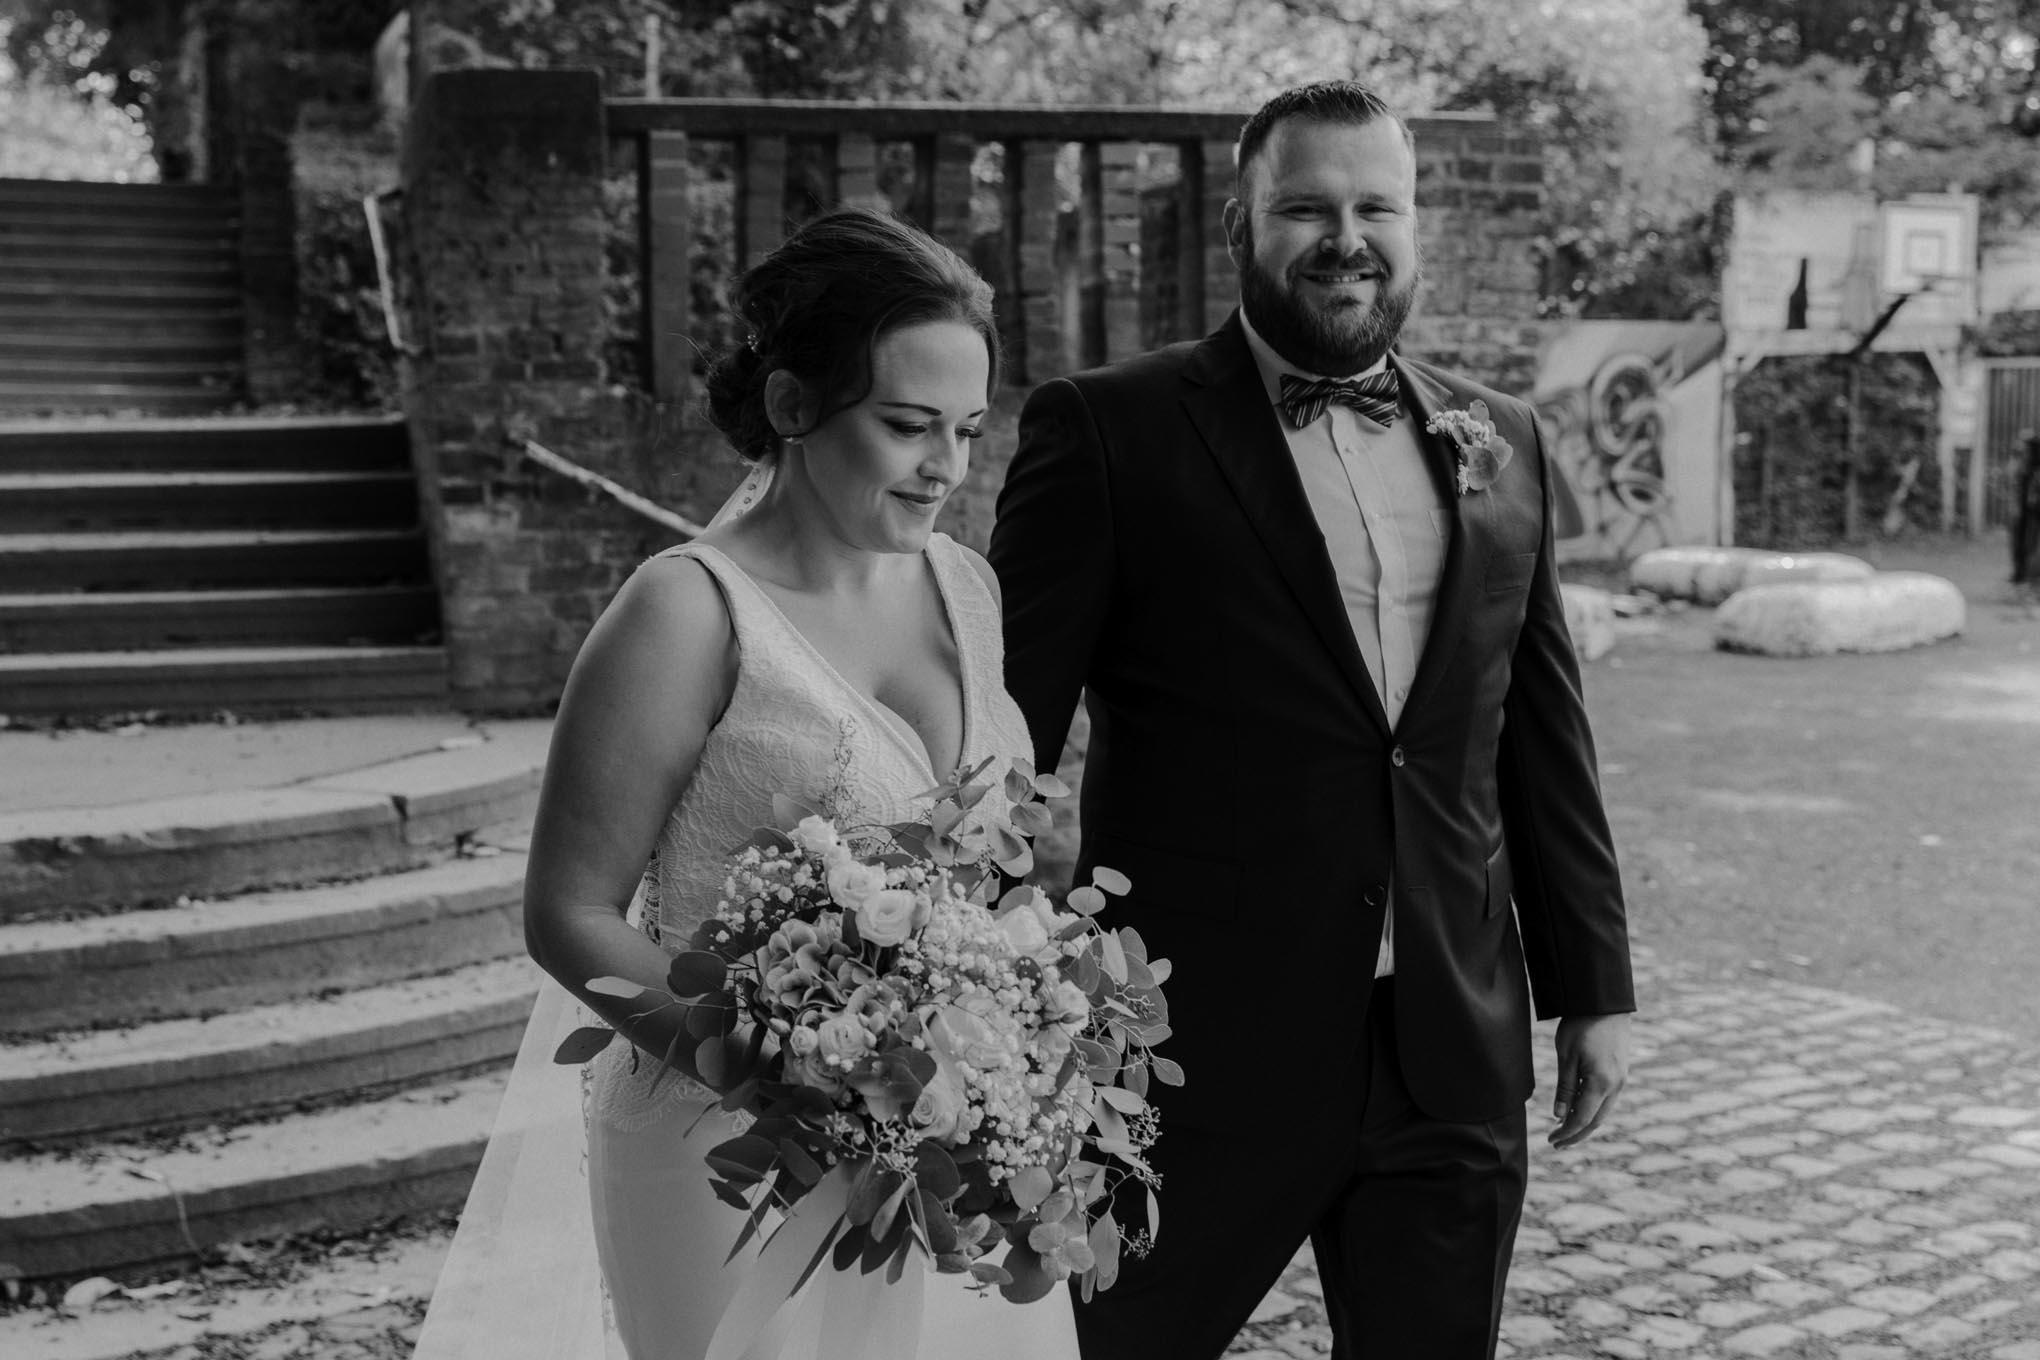 Hochzeitsfoto in schwarz weiß